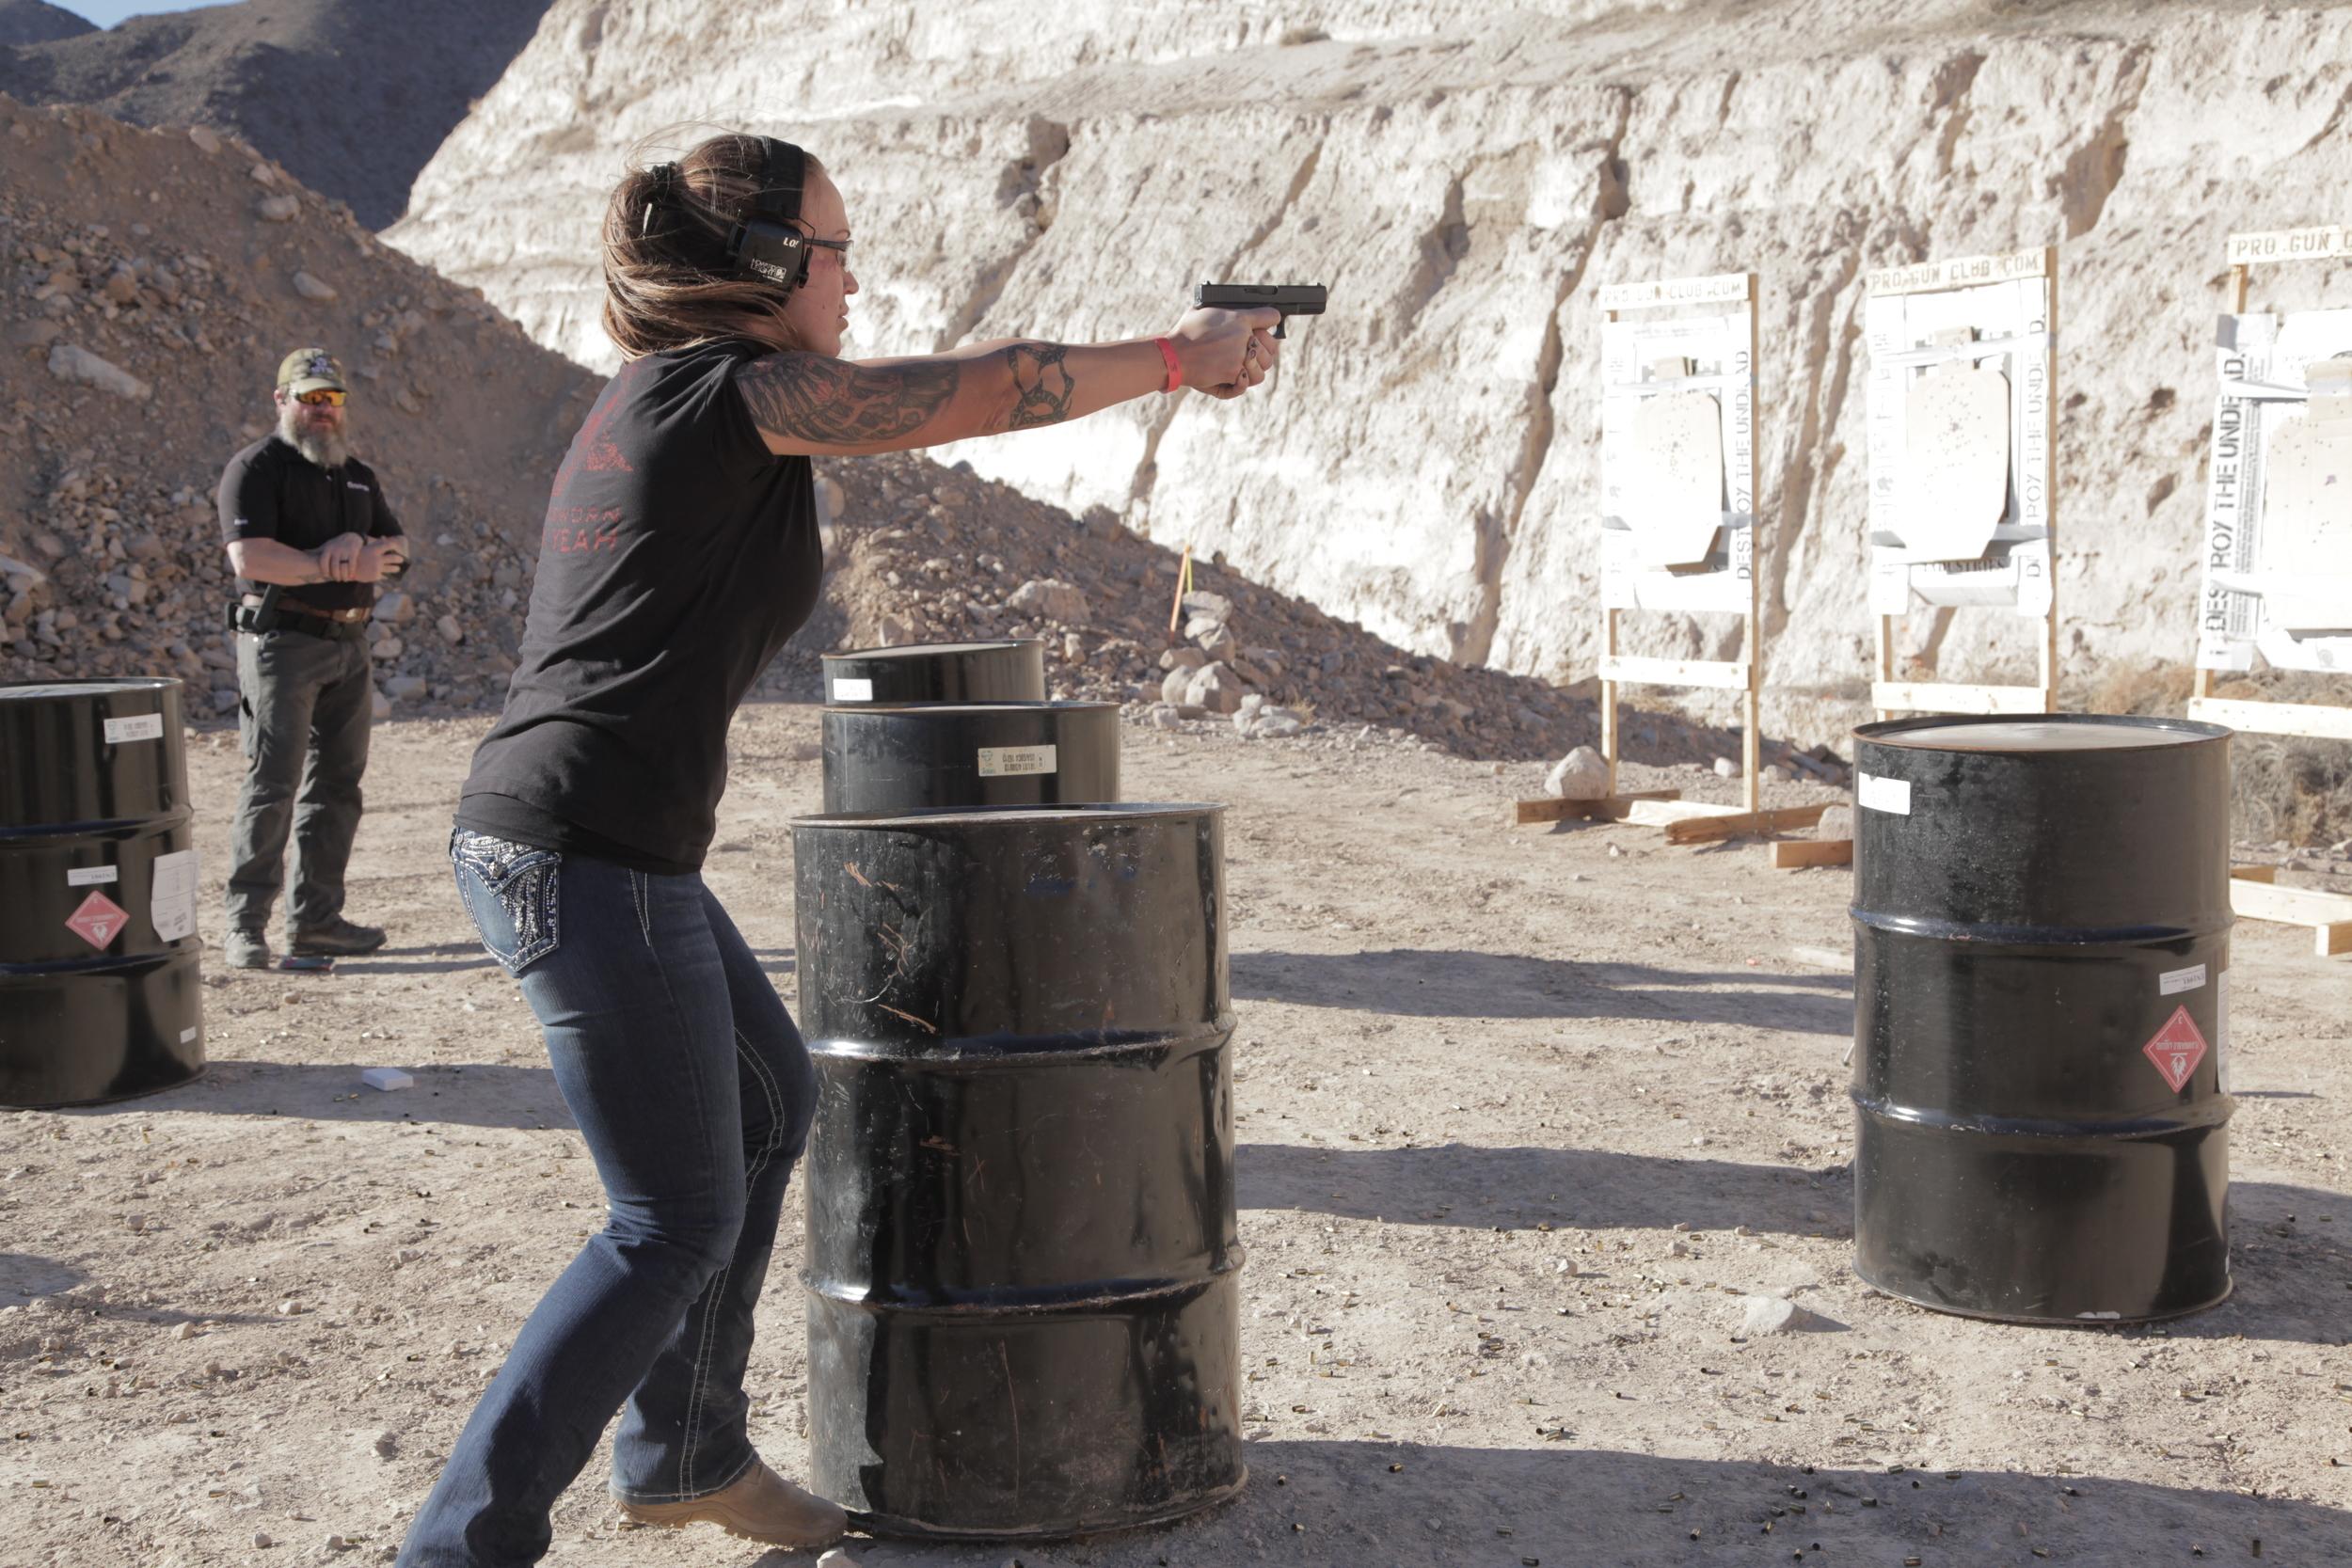 Las Vegas,  Tactical Pistol Course